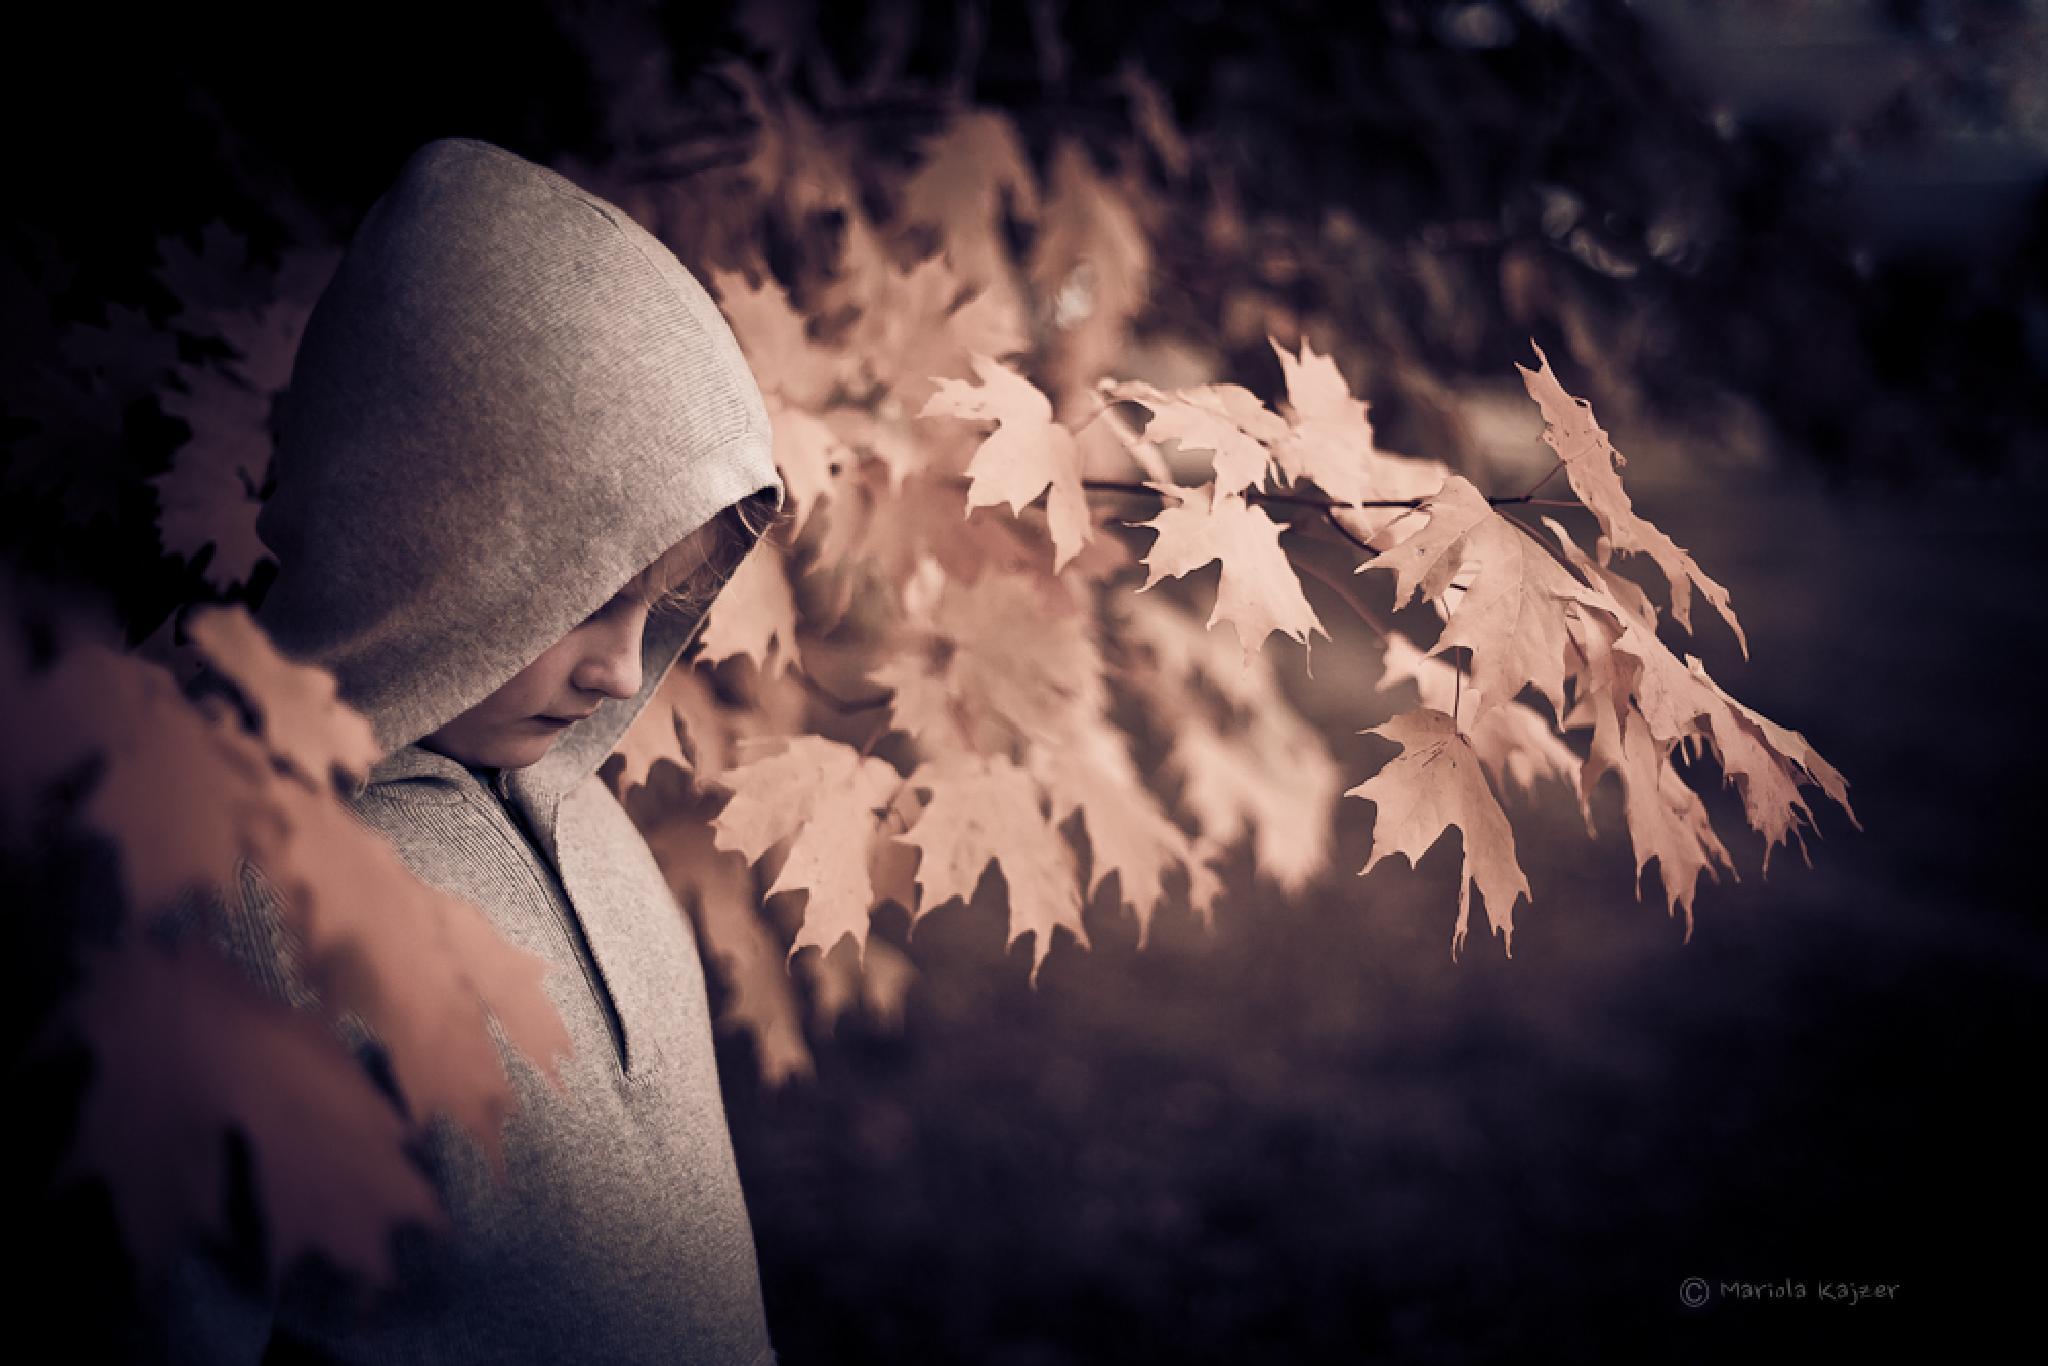 oli in the fall by mariola.kajzer.1